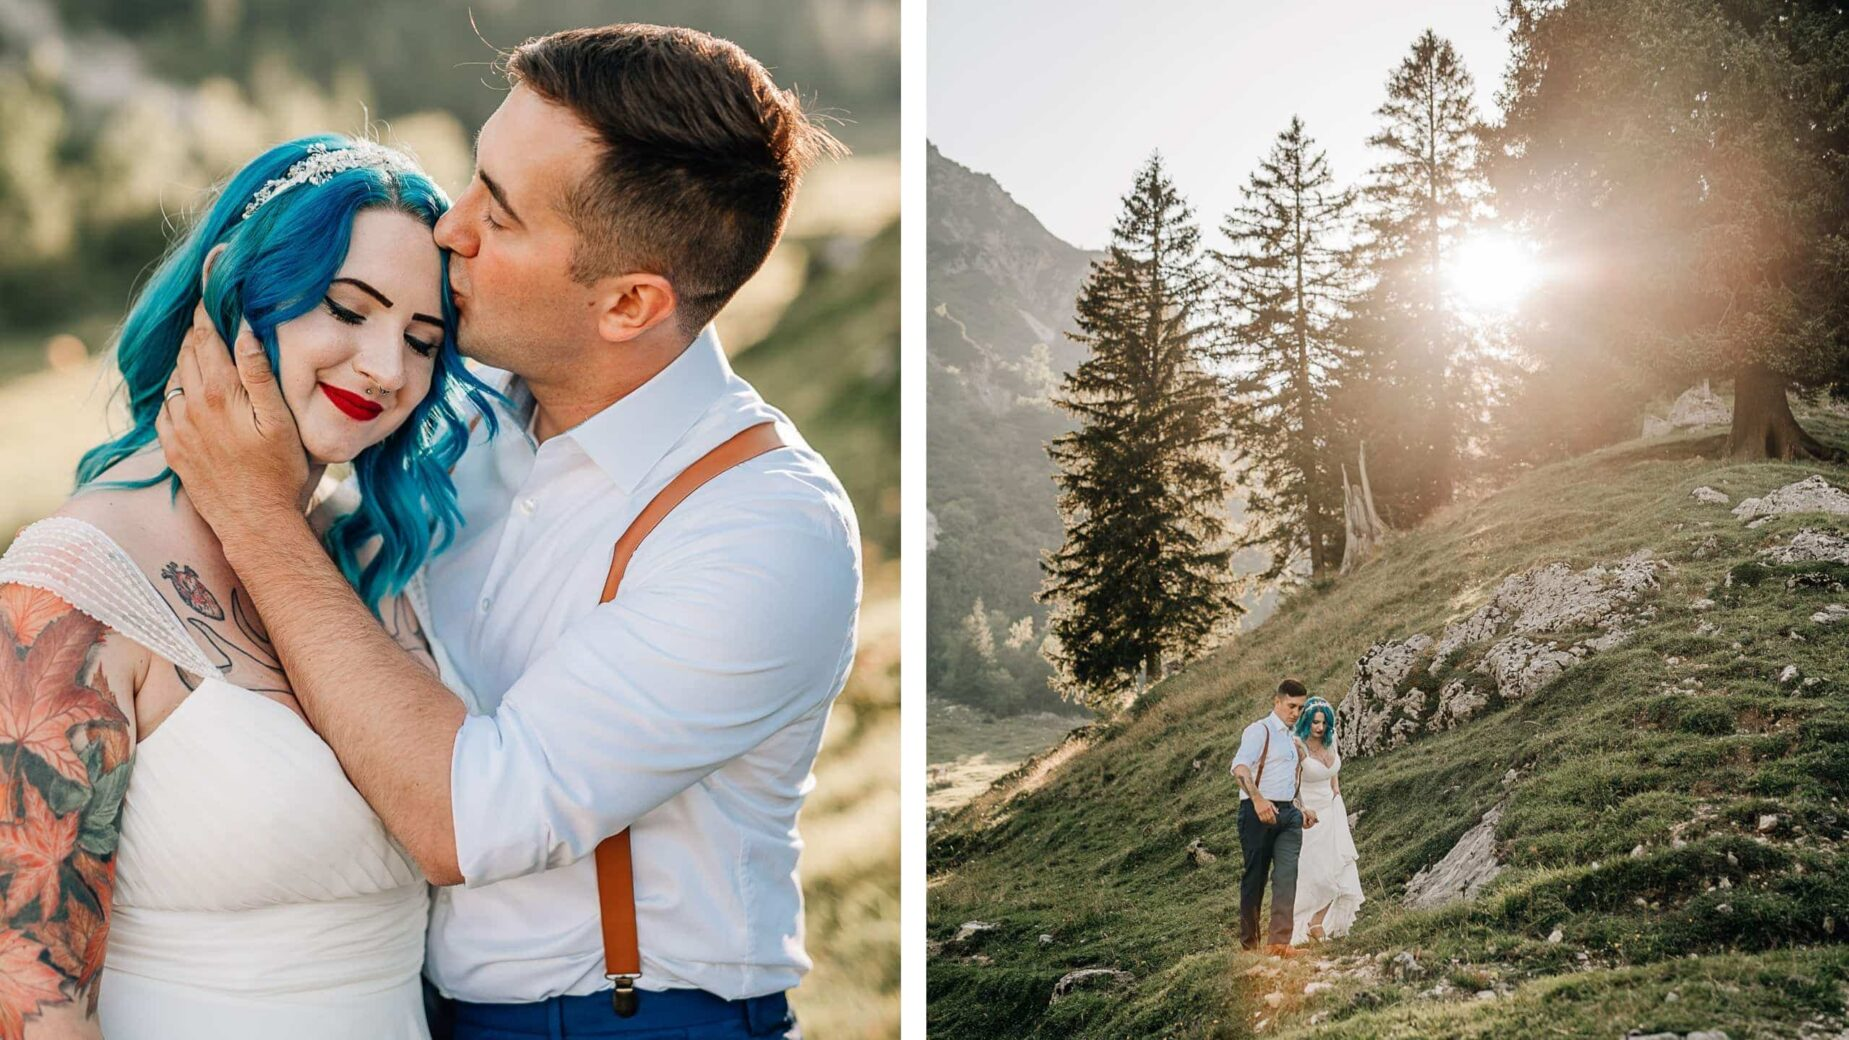 Hochzeitsfotos in den Bergen: Alpenidylle im Sommer, Brautpaar auf der Alm